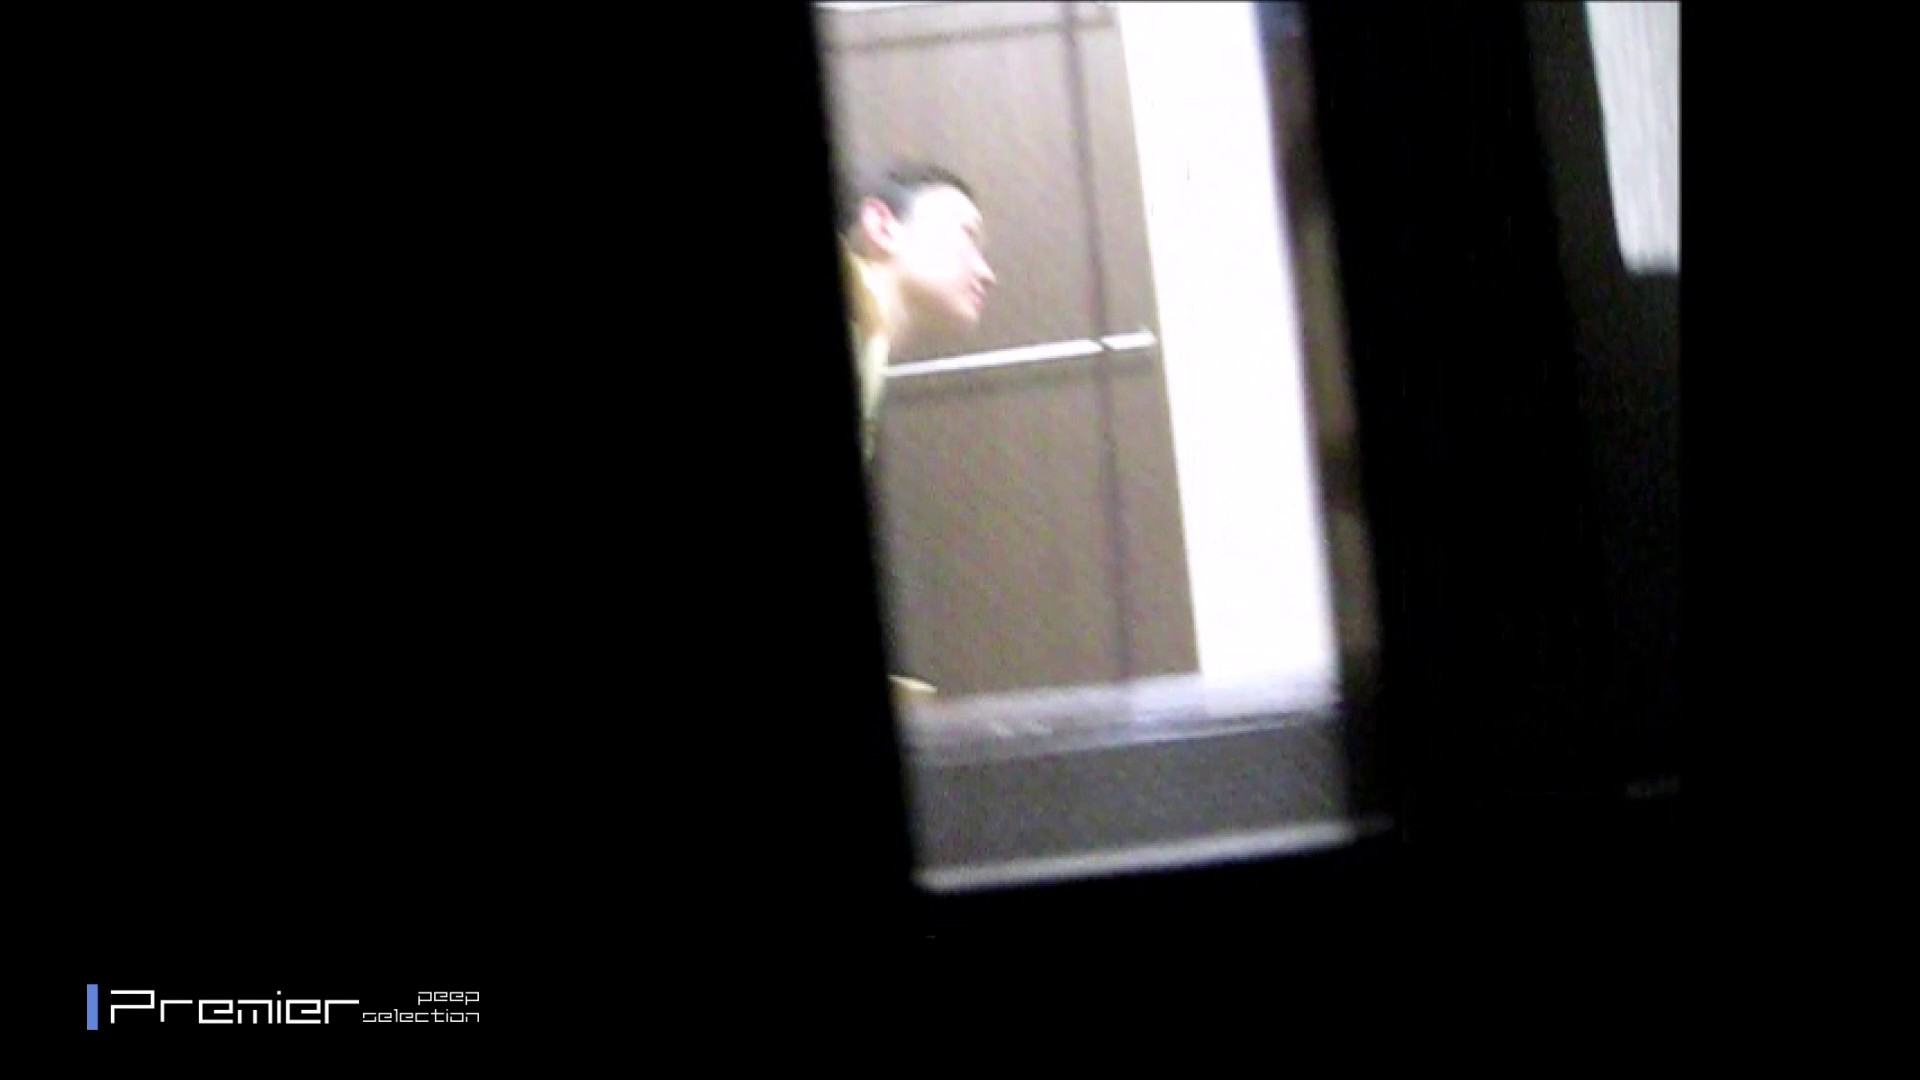 スレンダー美女の桃色乳首 乙女の風呂場 Vol.09 乙女 セックス画像 51pic 40